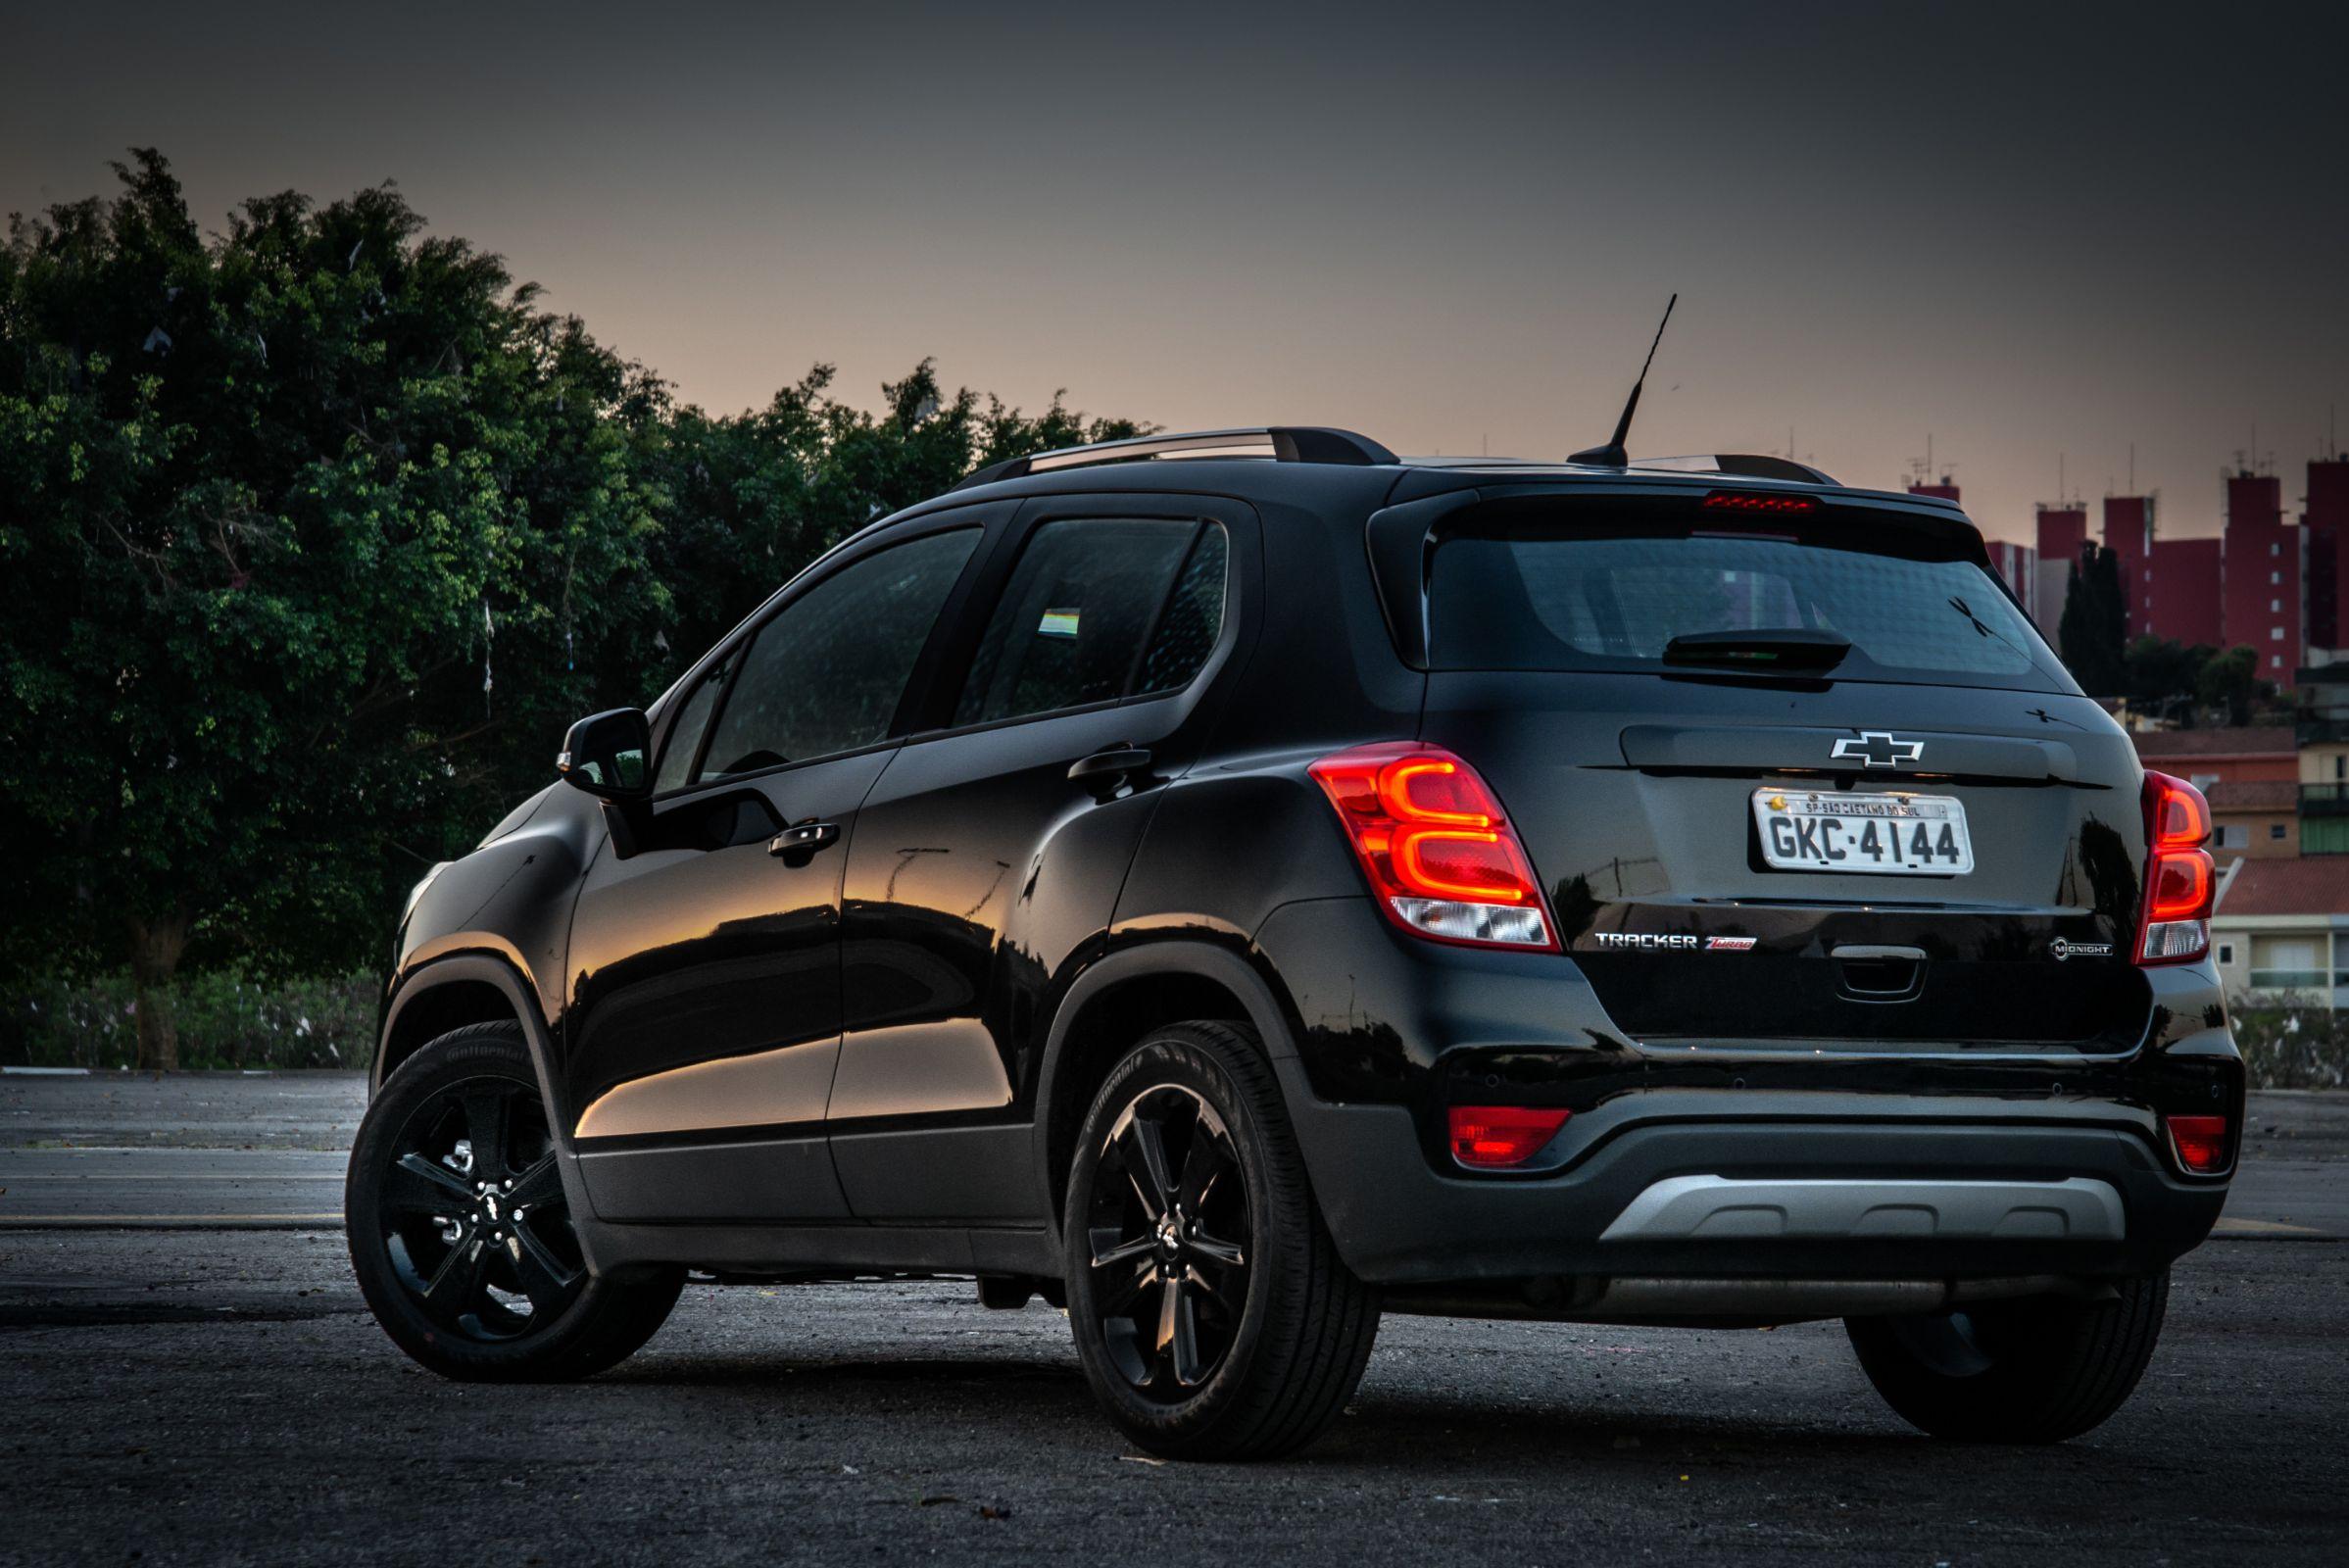 Chevrolet Tracker Midnight tem todos os detalhes em preto